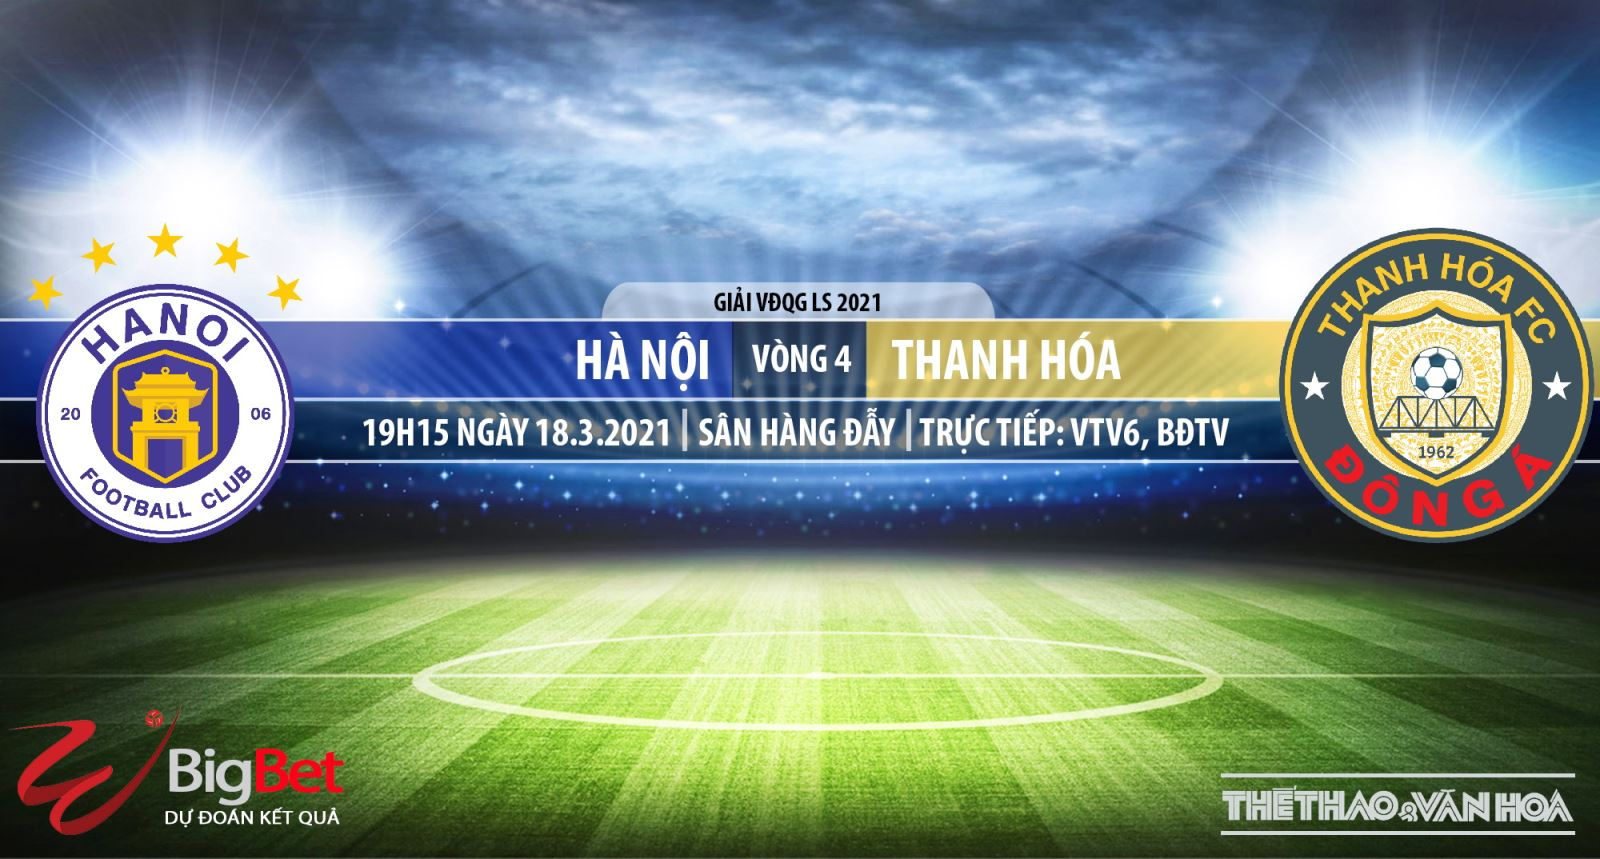 Soi kèo nhà cái Hà Nội vs Thanh Hóa. VTV6 trực tiếp bóng đá Việt Nam hôm nay